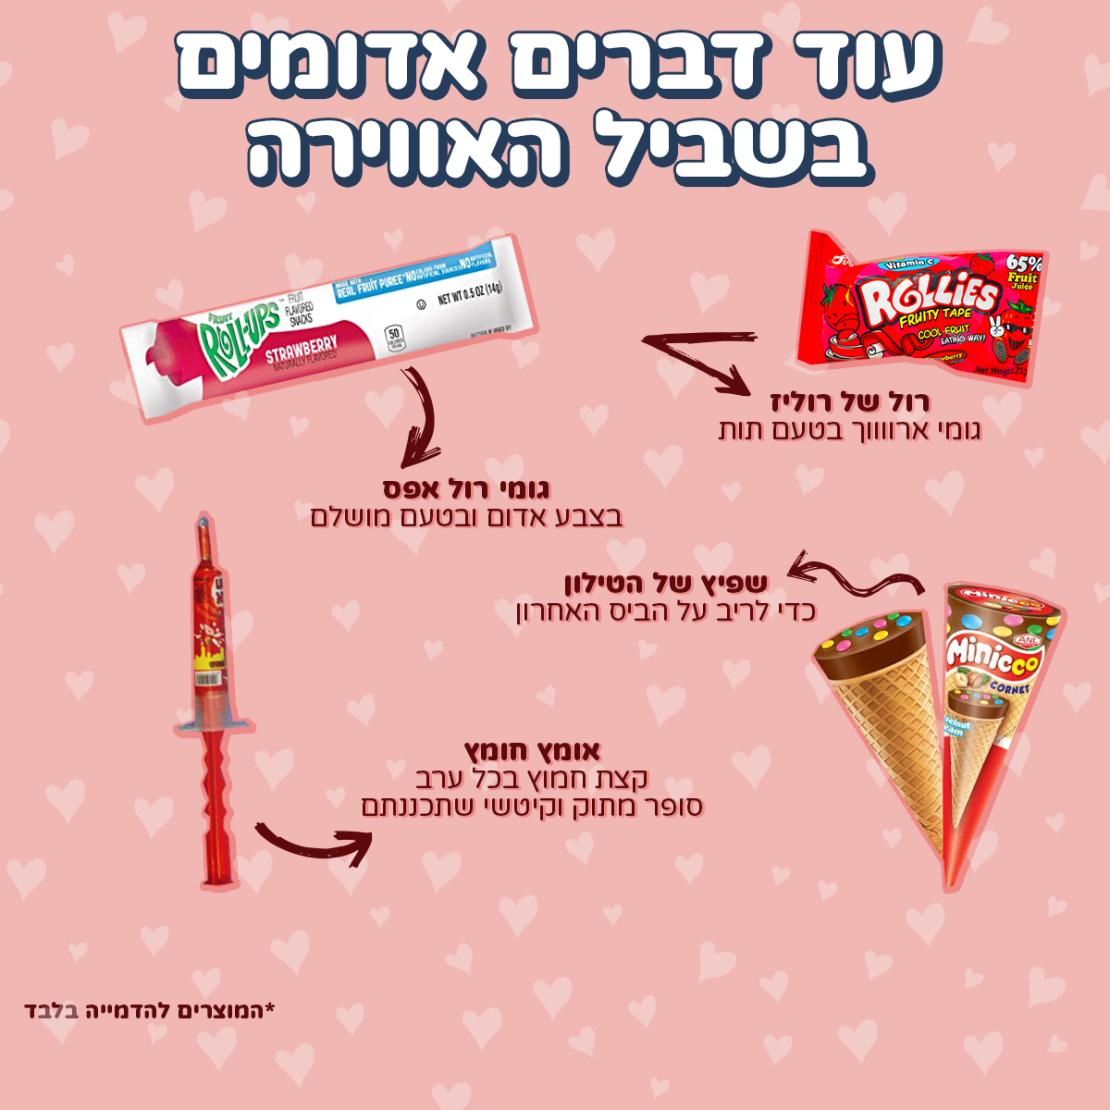 SweetBox Love - מתנה לאנשים שאתם הכי אוהבים (L)